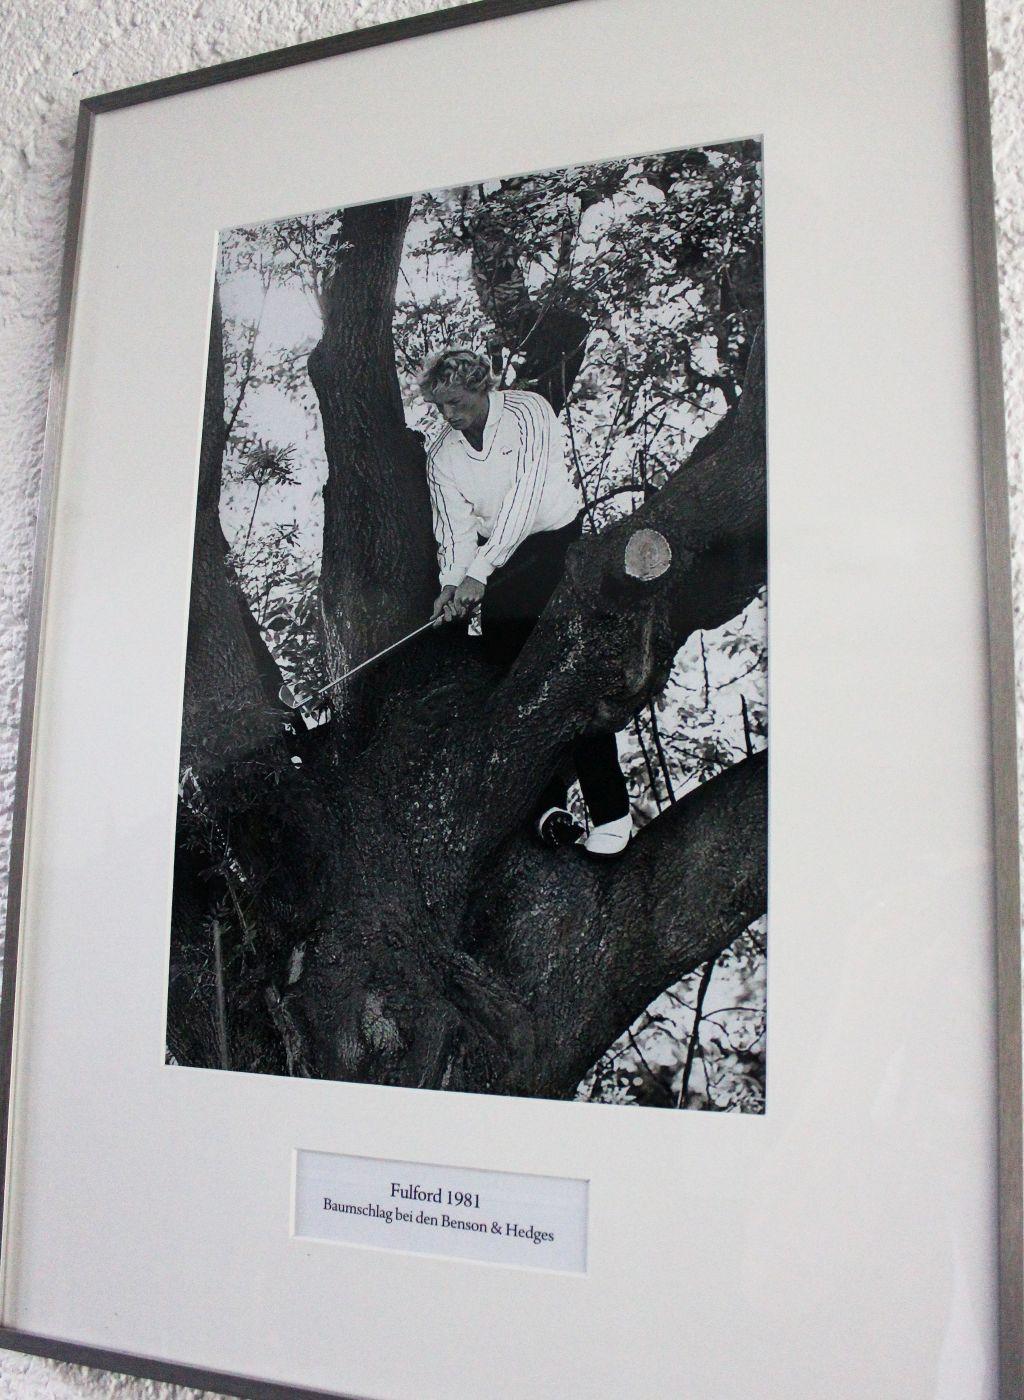 Oder von Langers spektakulärem Schlag aus dem Baum (c) Stephan Schöttl